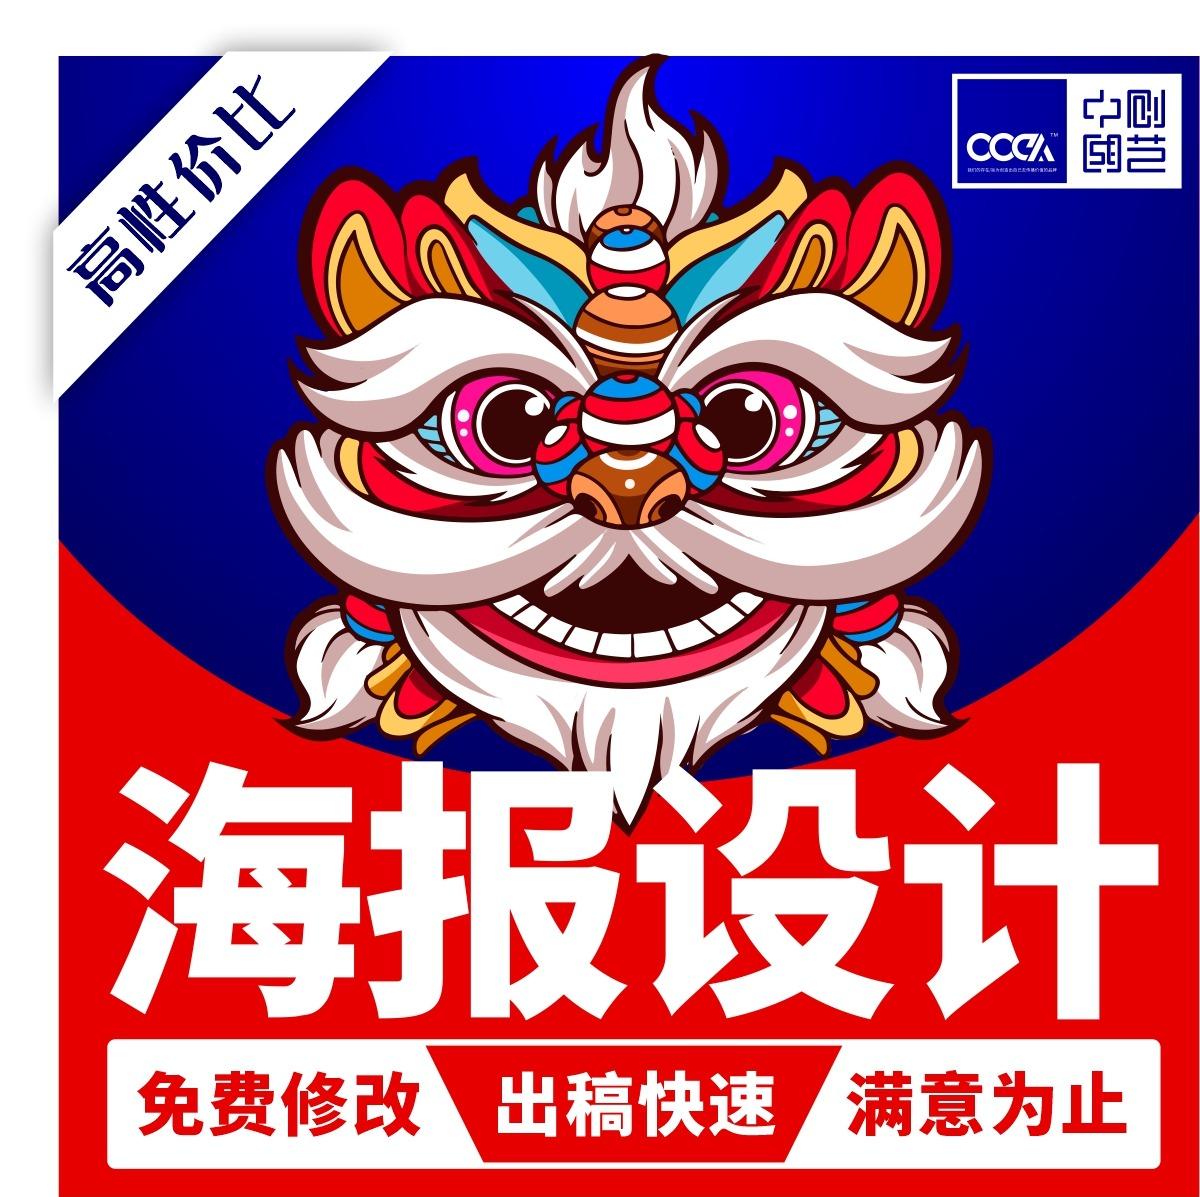 宣传海报/活动画册/会展招商/商场促销海报品牌设计宣传